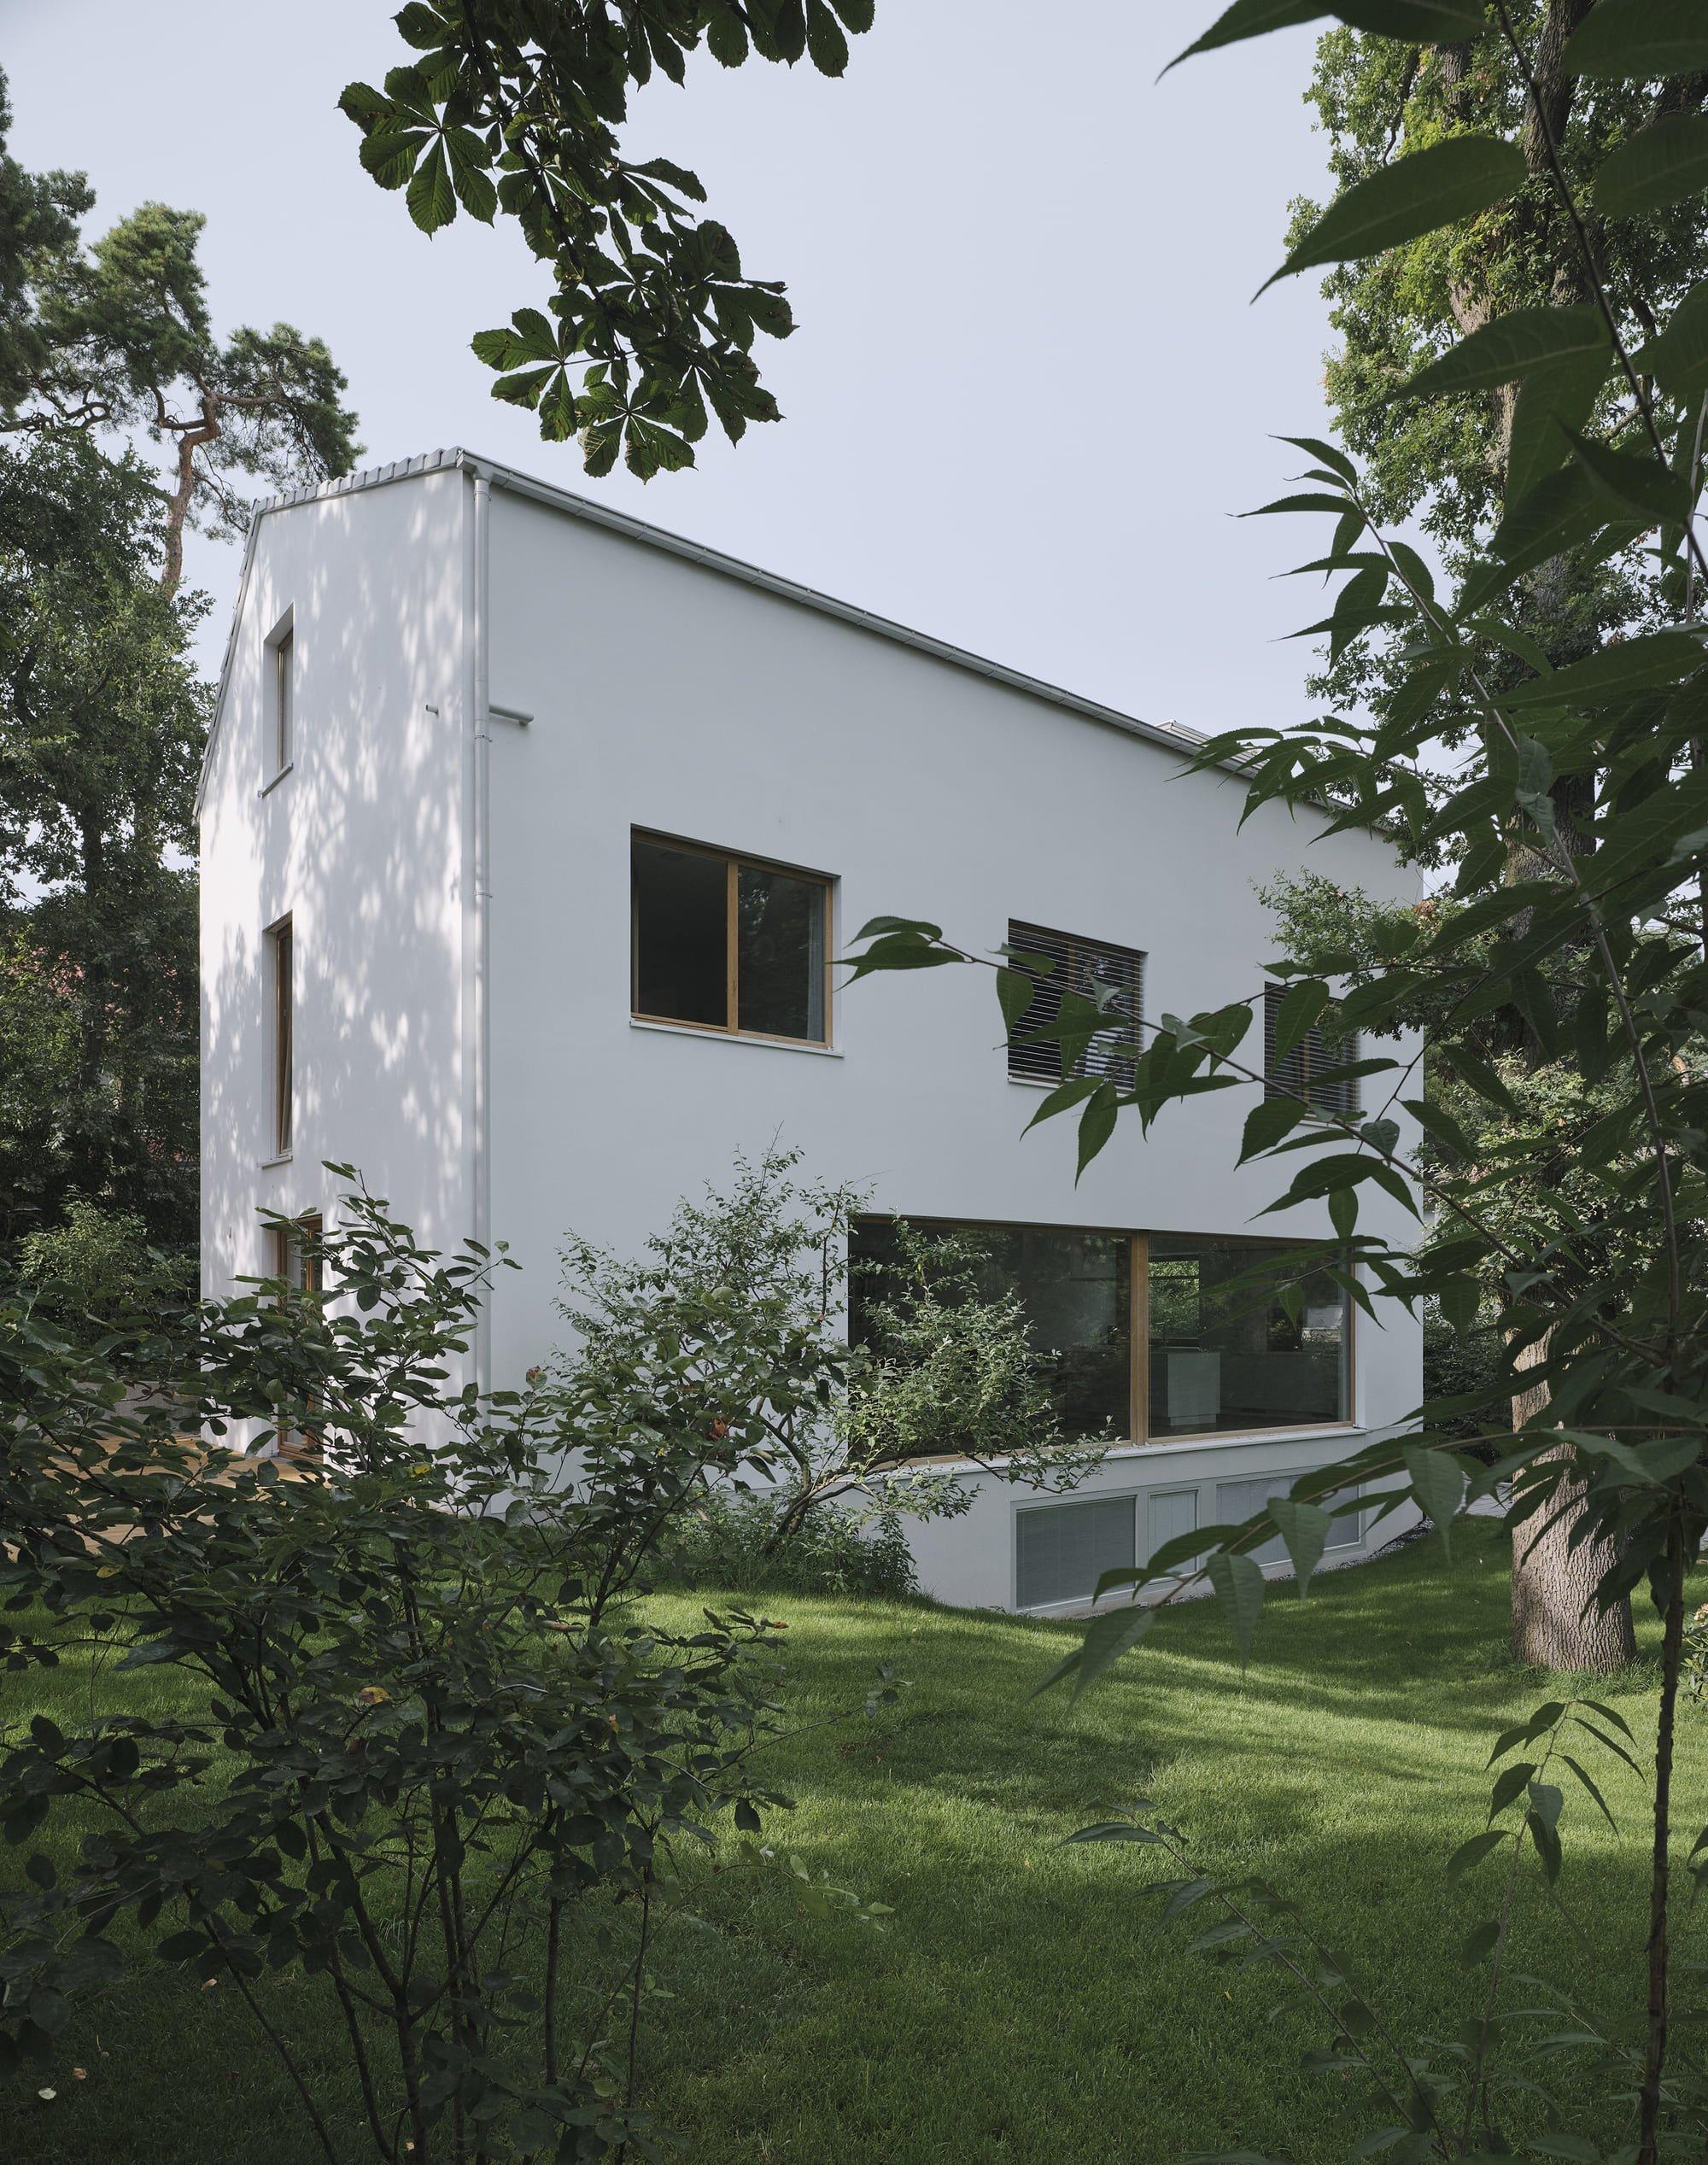 Bílý dům mezi stromy